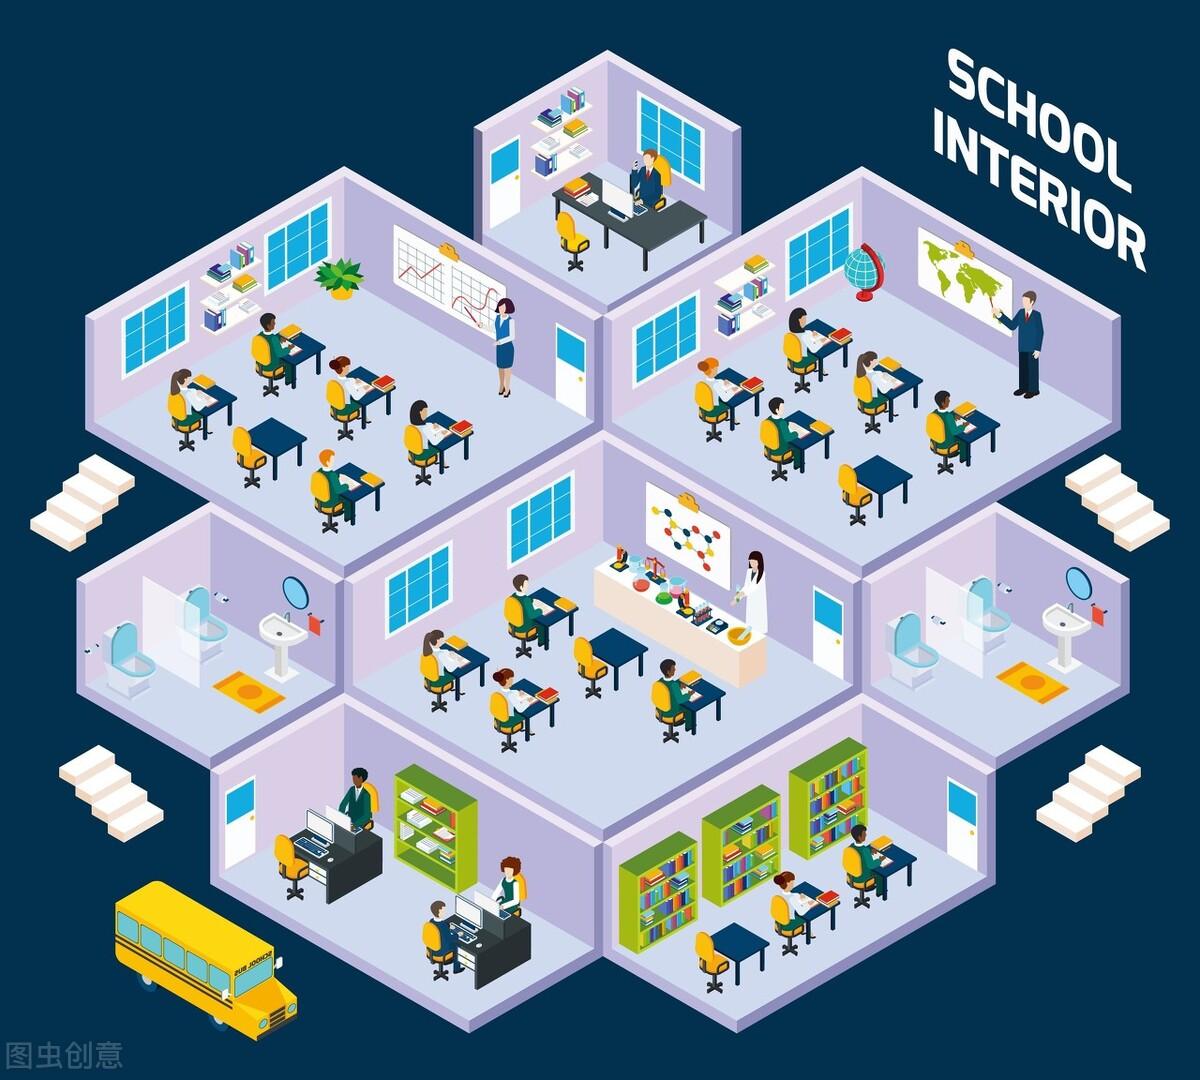 凯舟教育IT就业:大学毕业想转行学IT,选哪个培训机构比较靠谱呢? 商业资讯 第3张